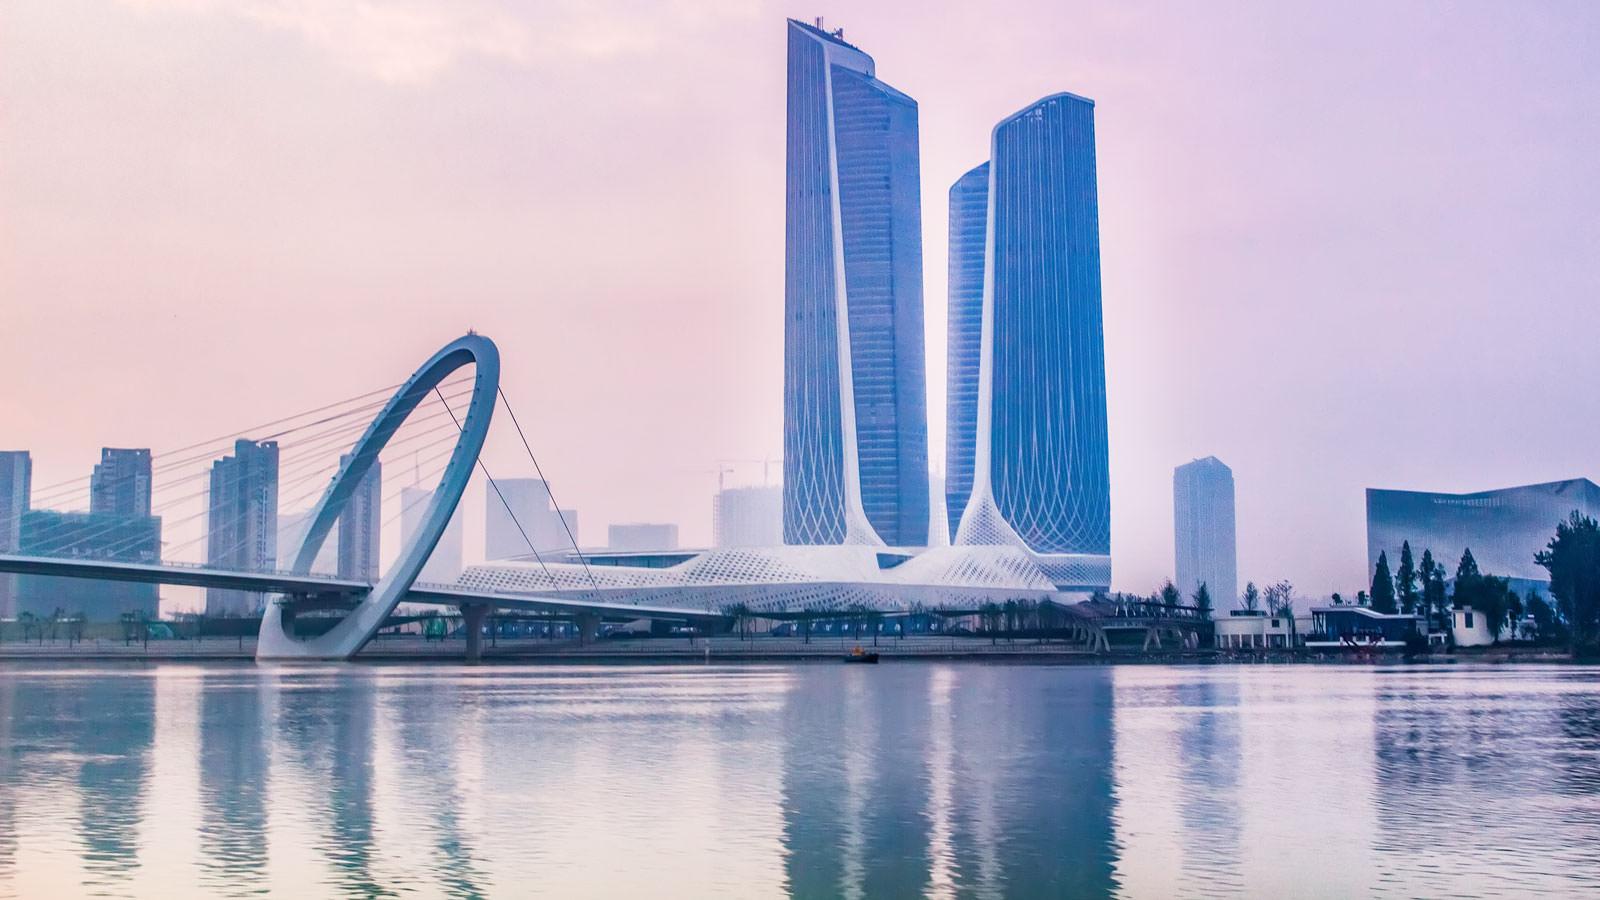 Nanjing'daki Türk Firmaları